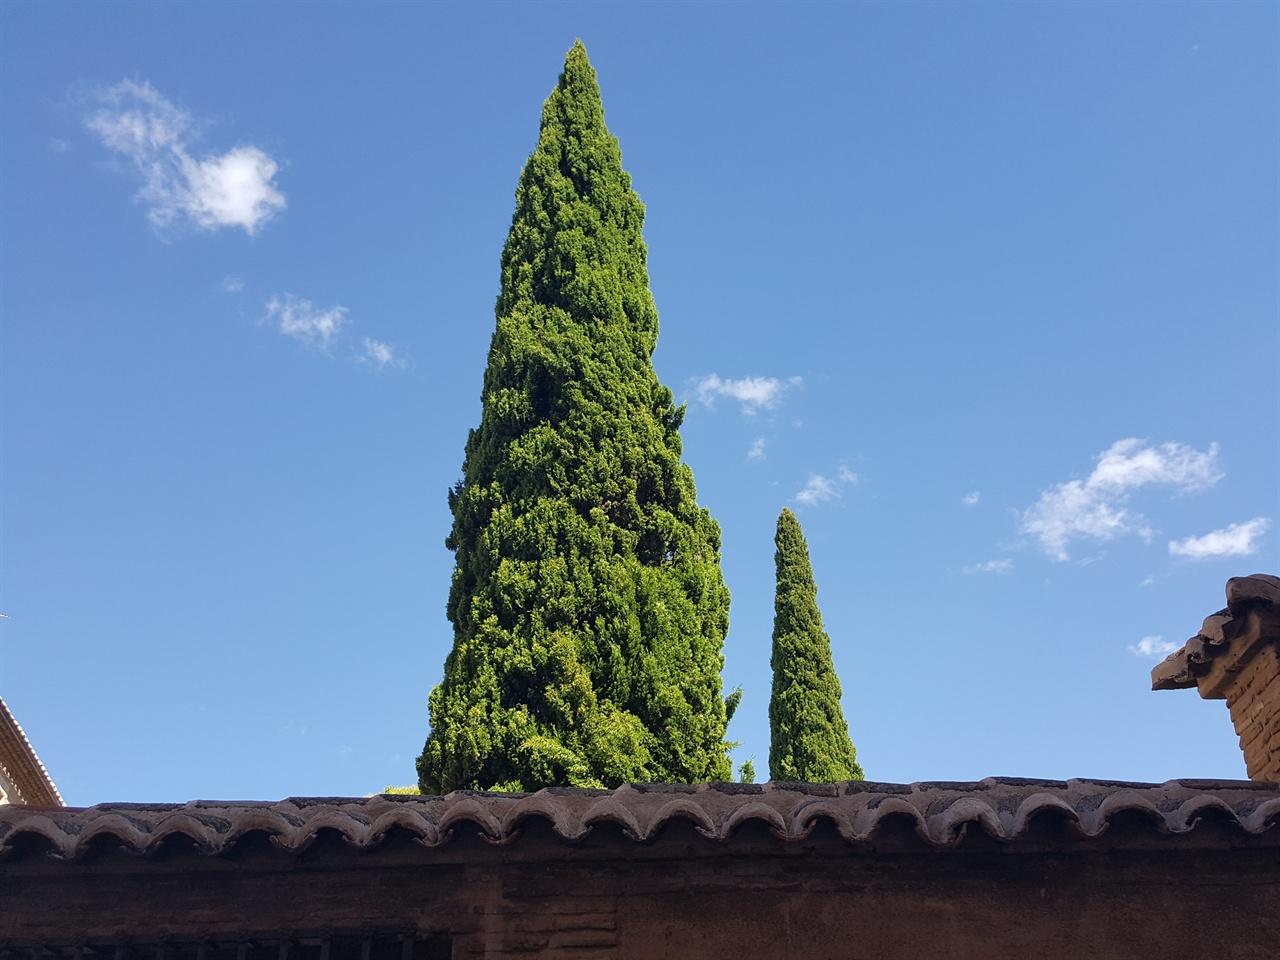 하늘을 향한 열망, 나무 두 구루 하늘을 향한 열망, 나무 두 구루